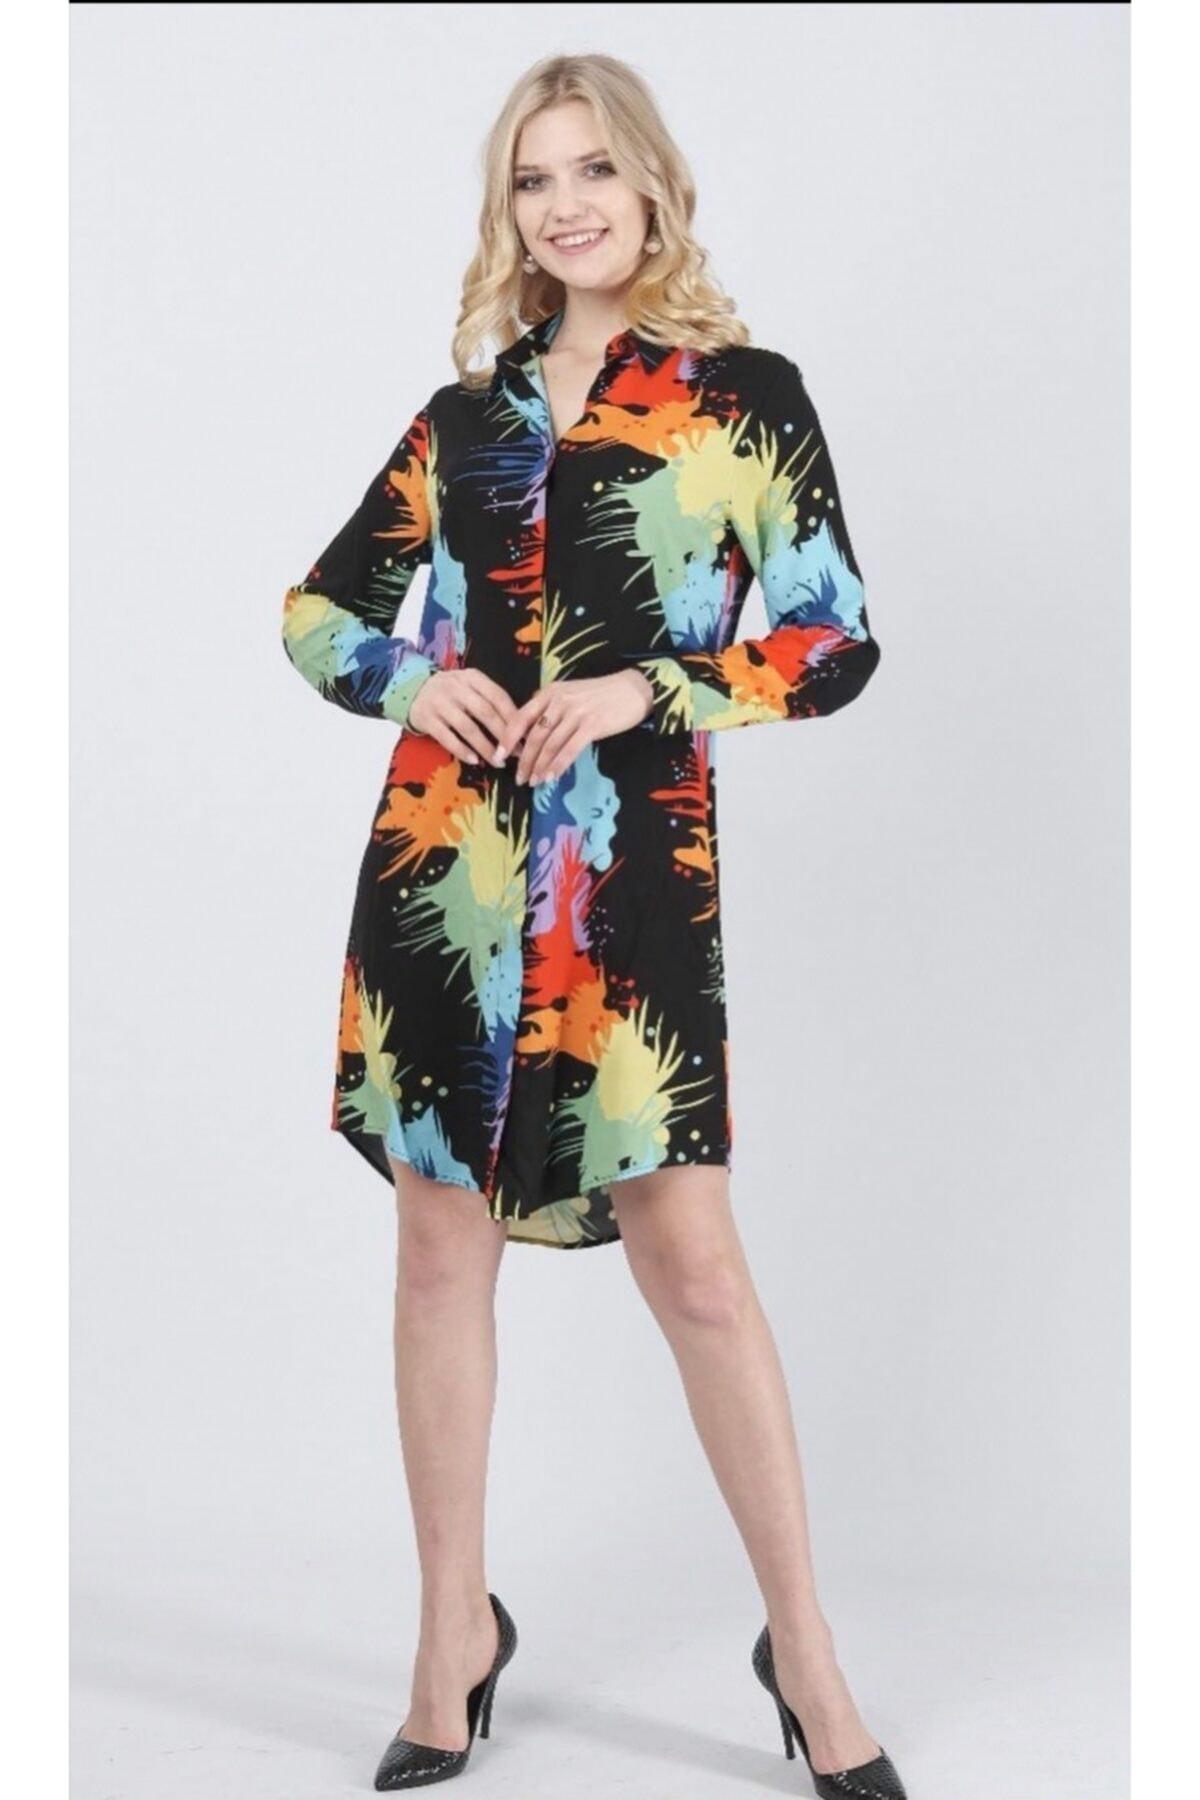 Kadın Viskon Tunik Gömlek Elbise Karışık Renk (SİYAH, SARI, KIRMIZI, YEŞİL)